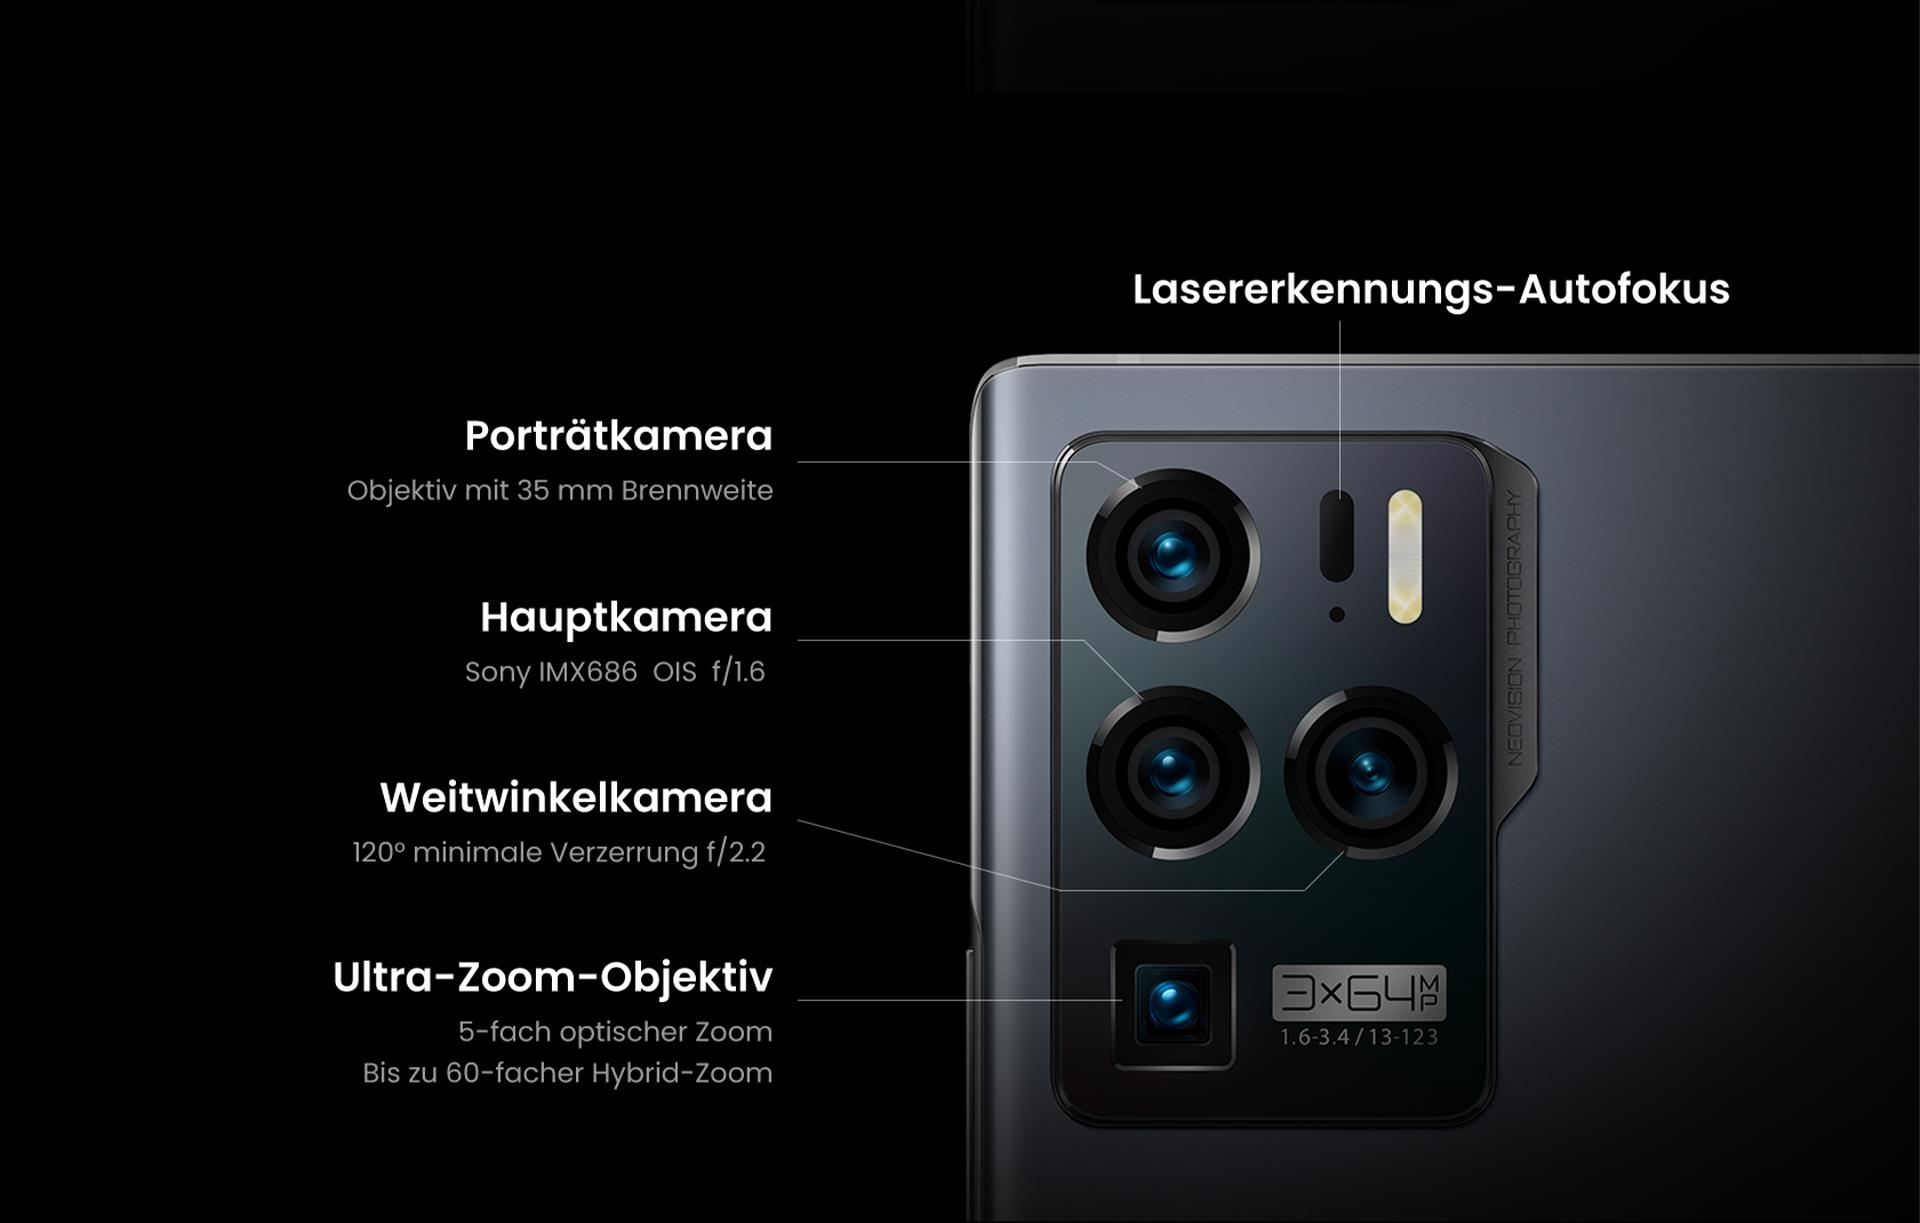 ZTE Axon 30 Ultra mit Quadkamera: Hauptkamera (Sony IMX686 OIS f/1.6), Porträtkamera (Objektiv mit 35mm Brennweite), Weitwinkelkamera (120° minimale Verzerrung f/2.2), Ultra-Zoom-Objektiv (5-facher optischer Zoom, bis zu 60-facher Hybrid-Zoom) und Laserkennungs-Autofokus